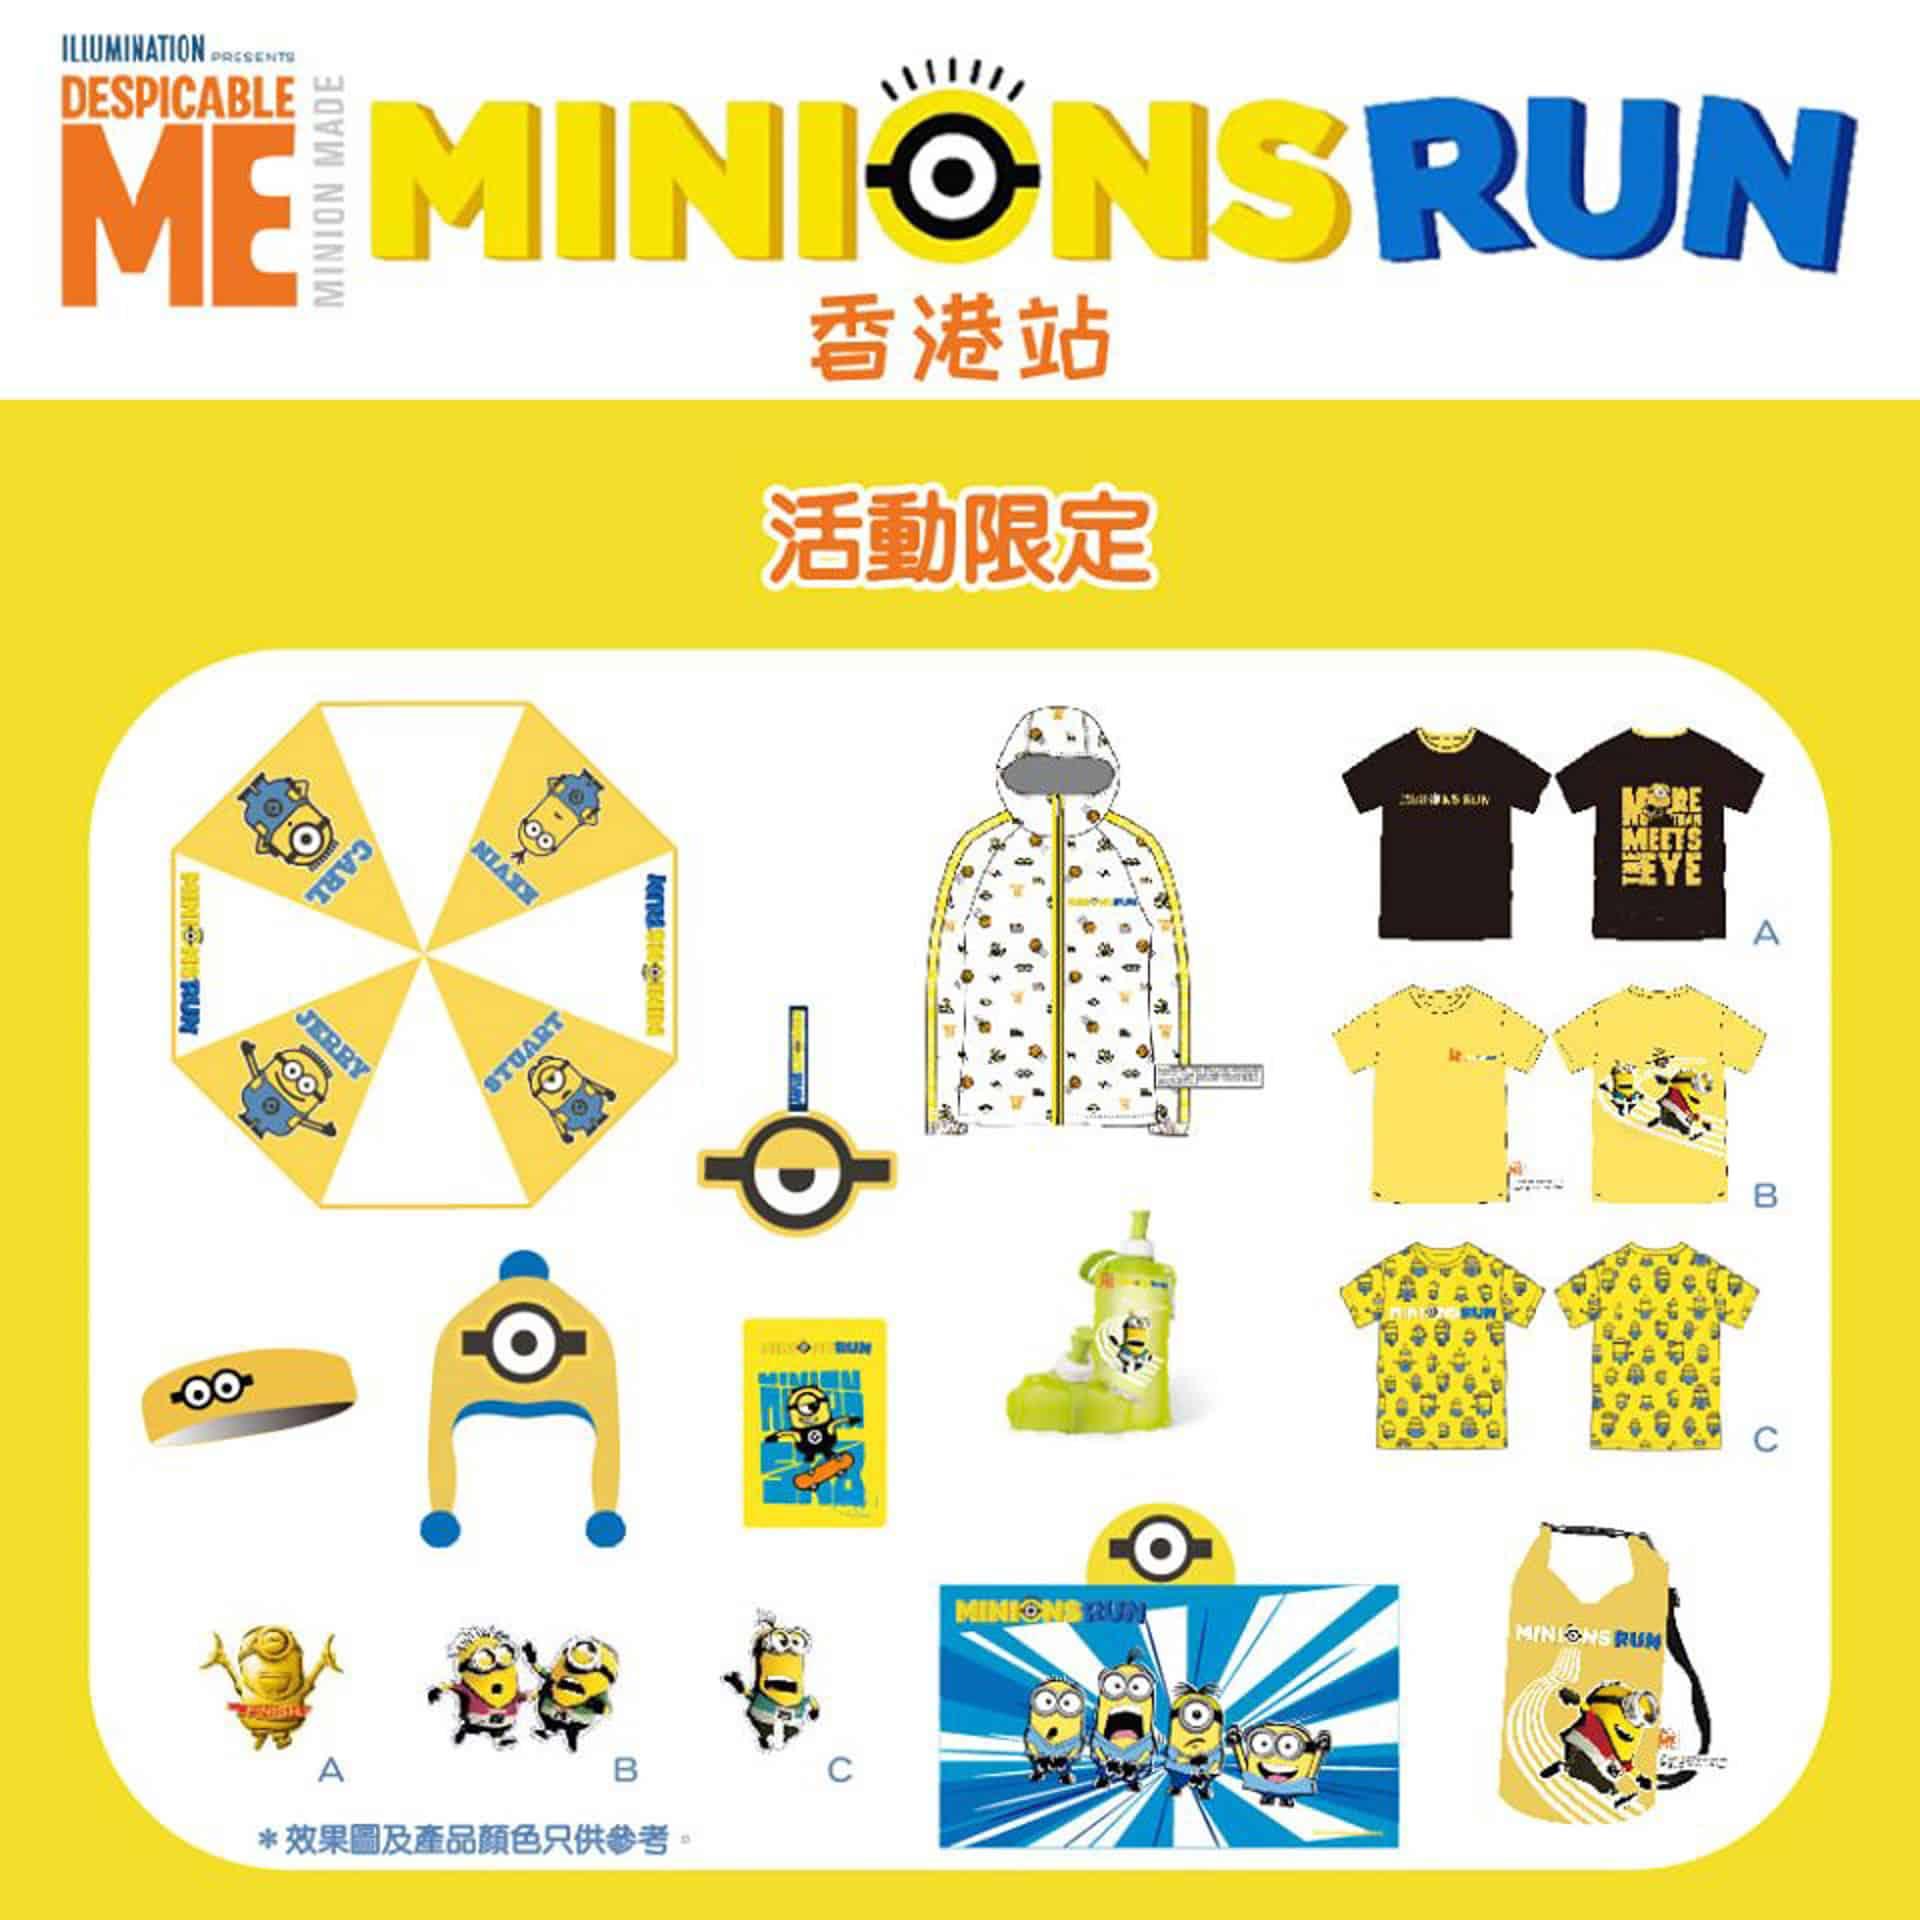 科學園:Minions Run HongKong 活動限定 Minions 精品